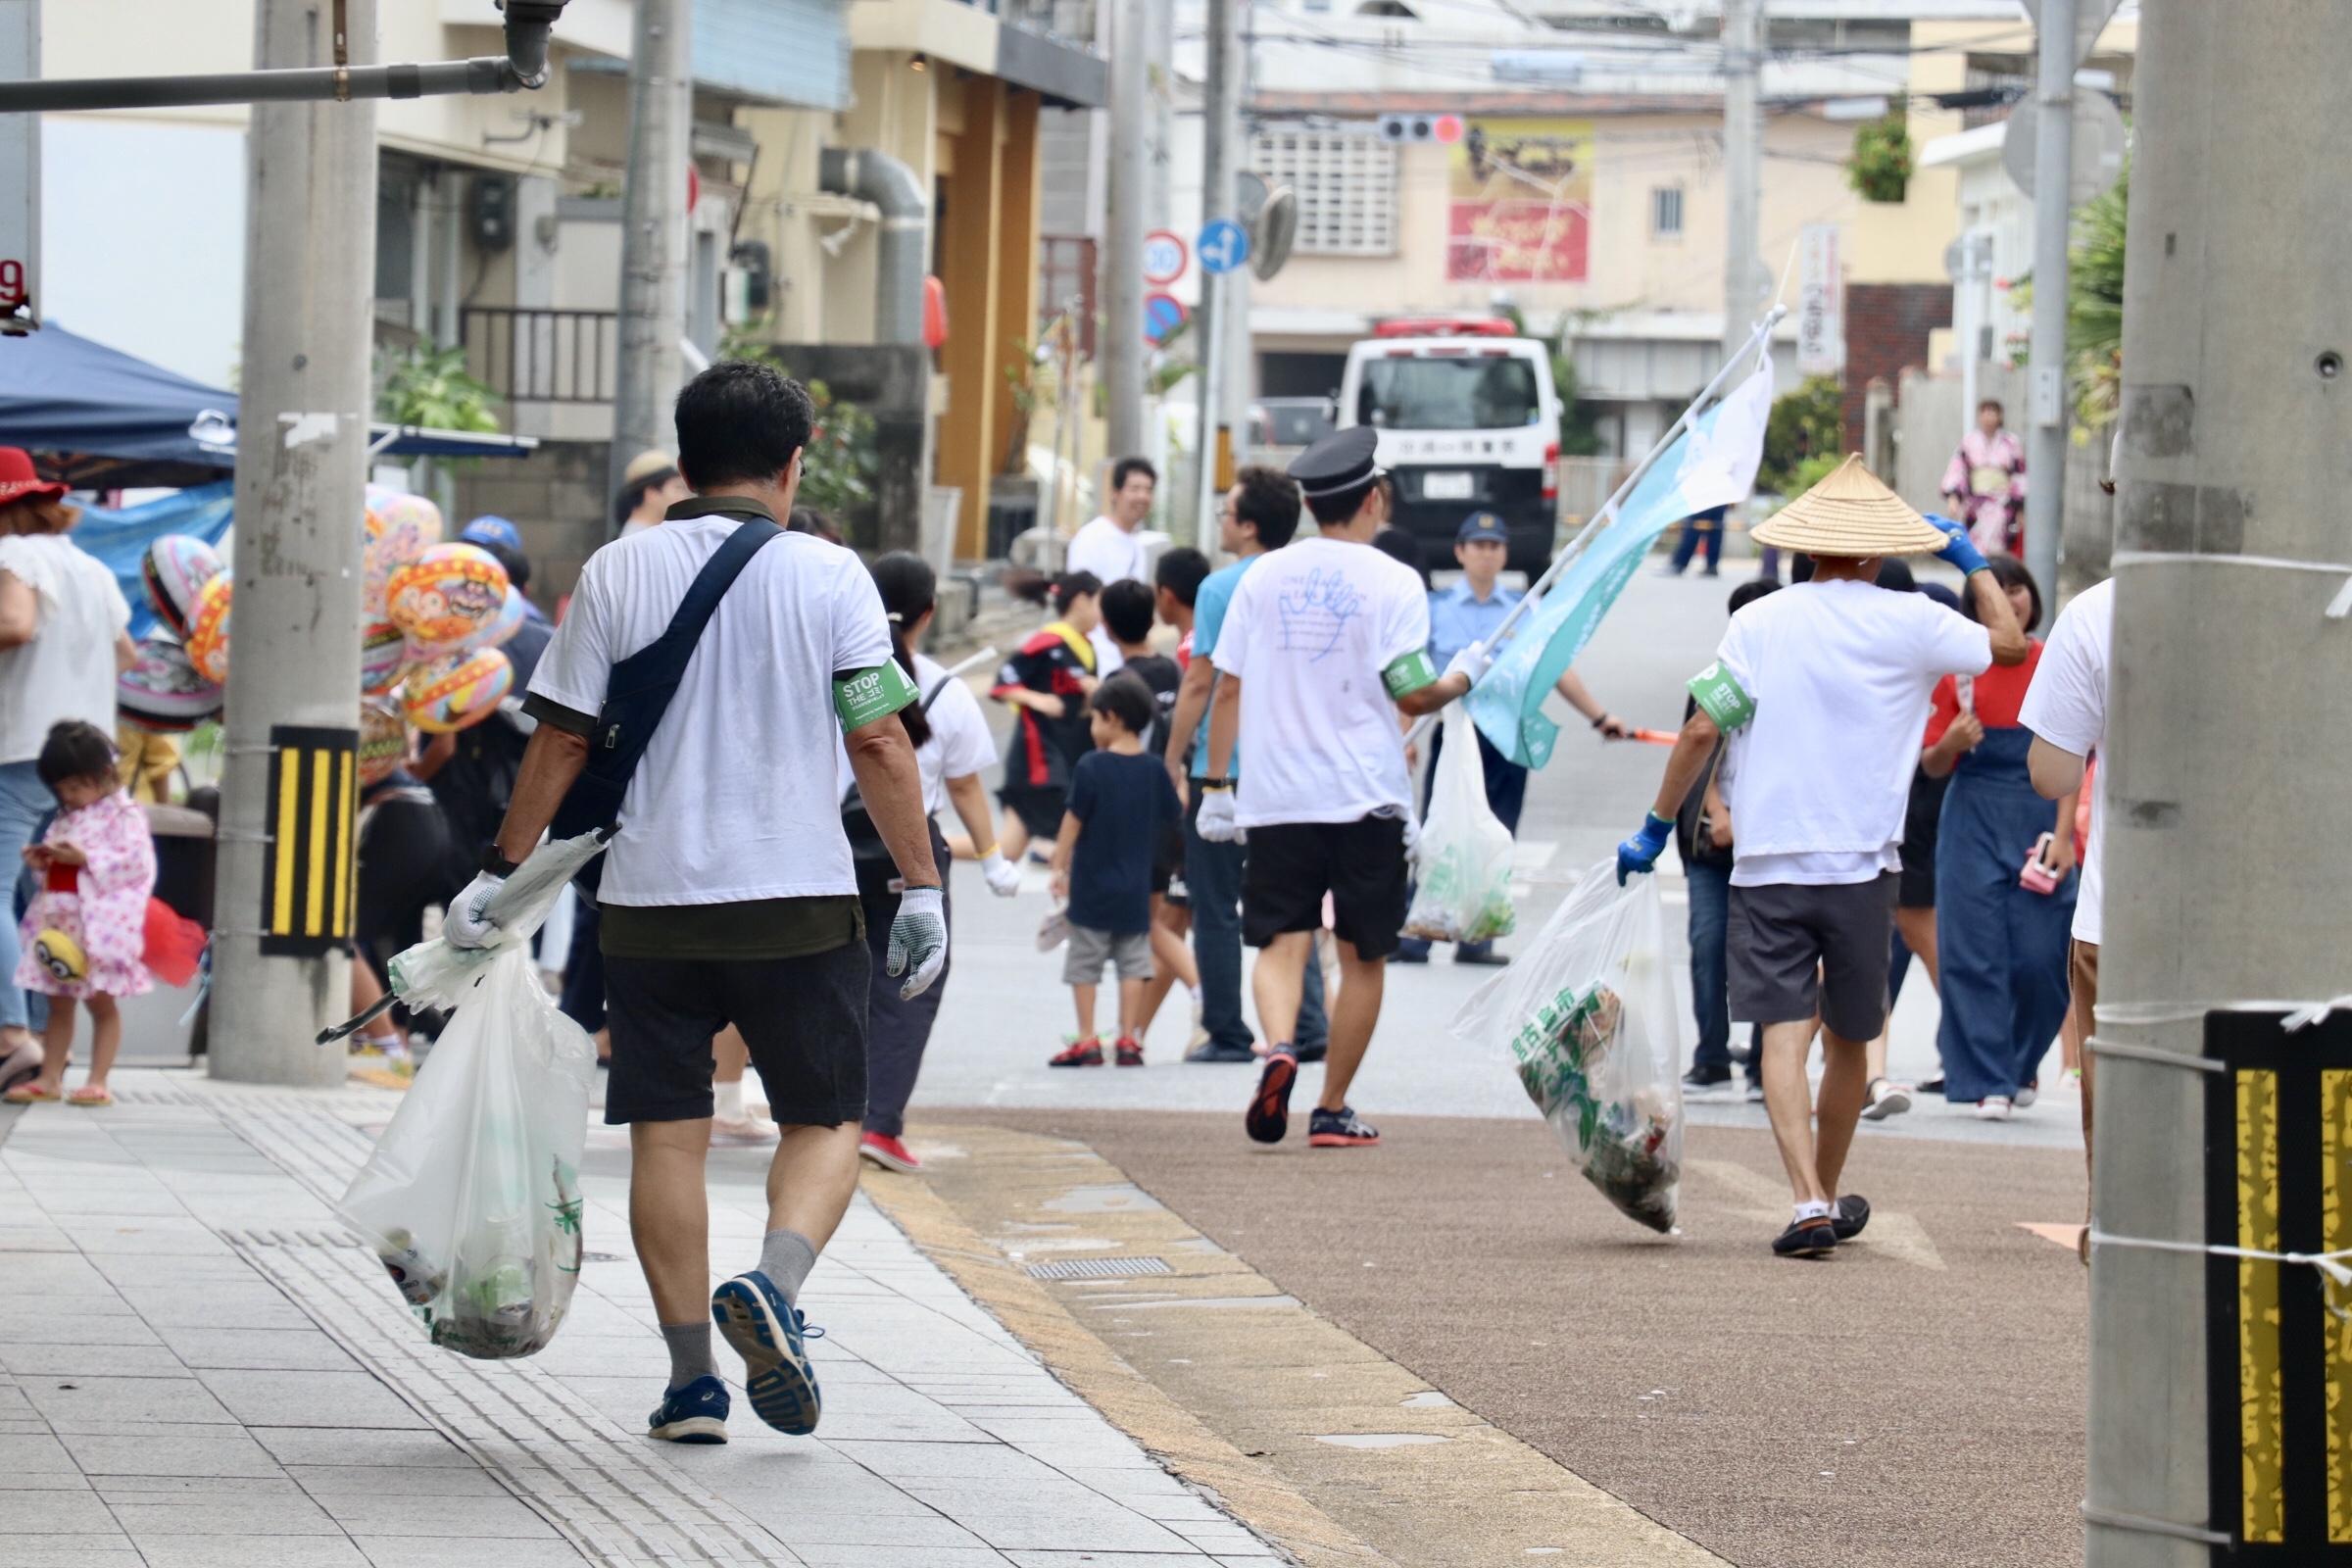 若者たちと「夏祭りエコパトロール隊」出動!!